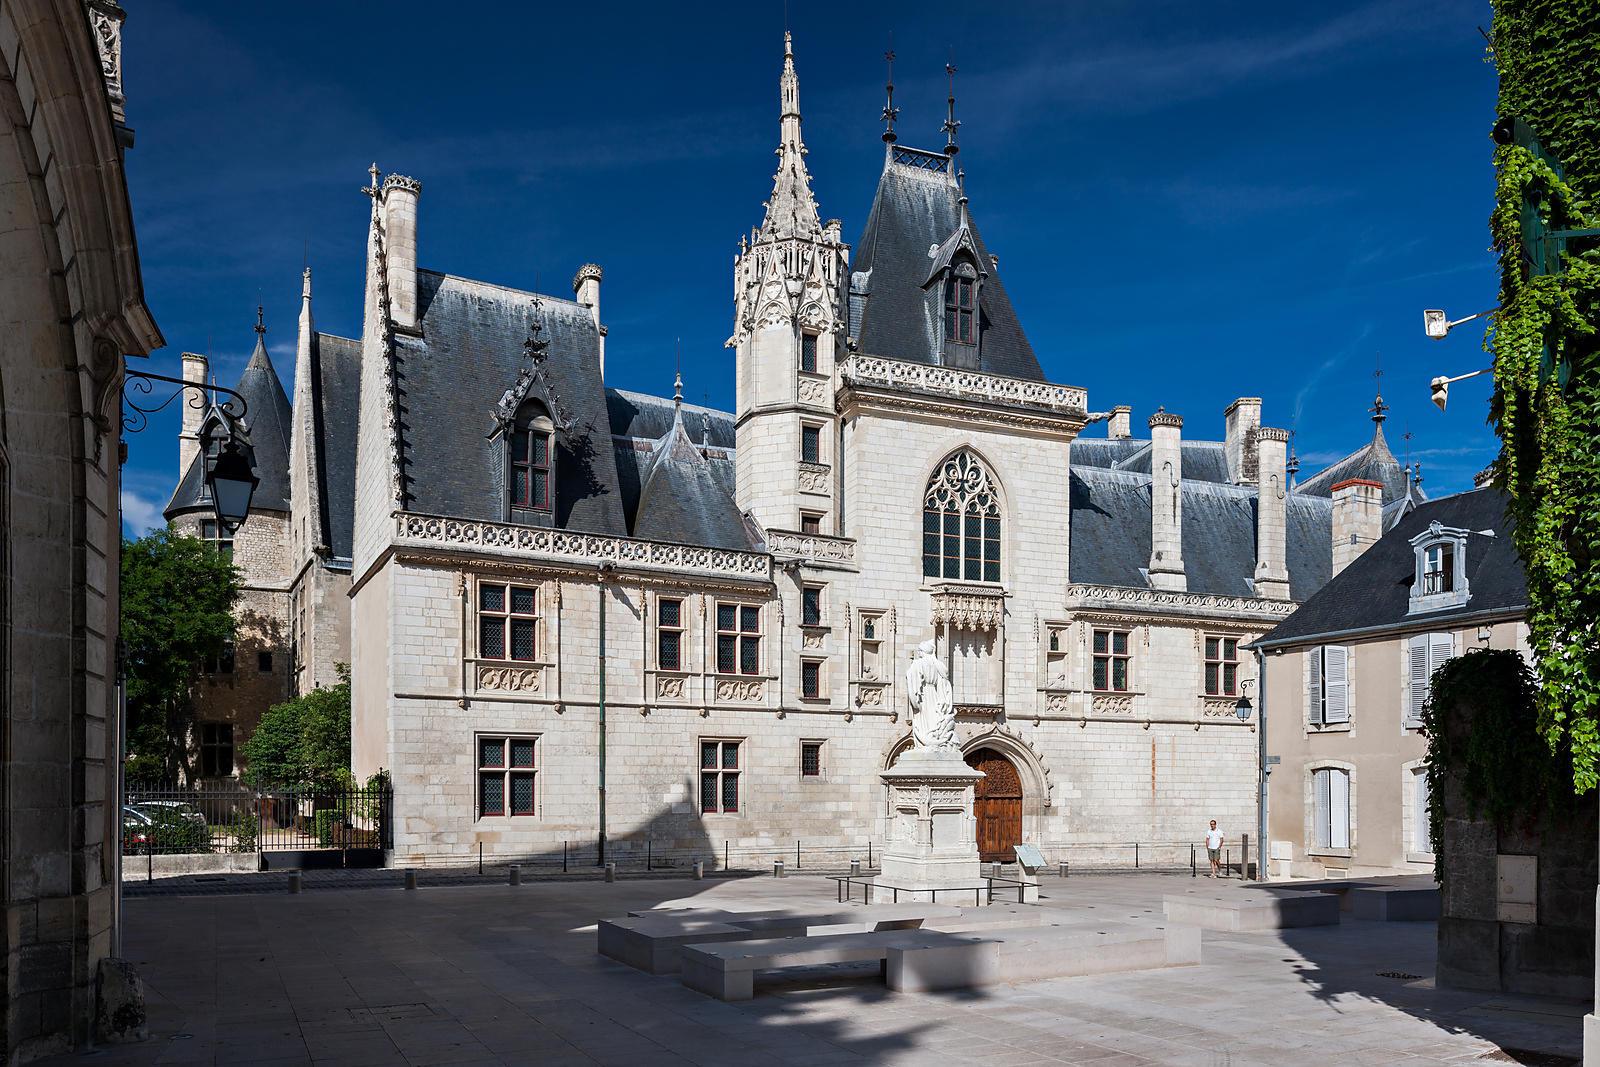 Phototh que arnaud frich palais et statue jacques coeur for Bo architecture 4 1